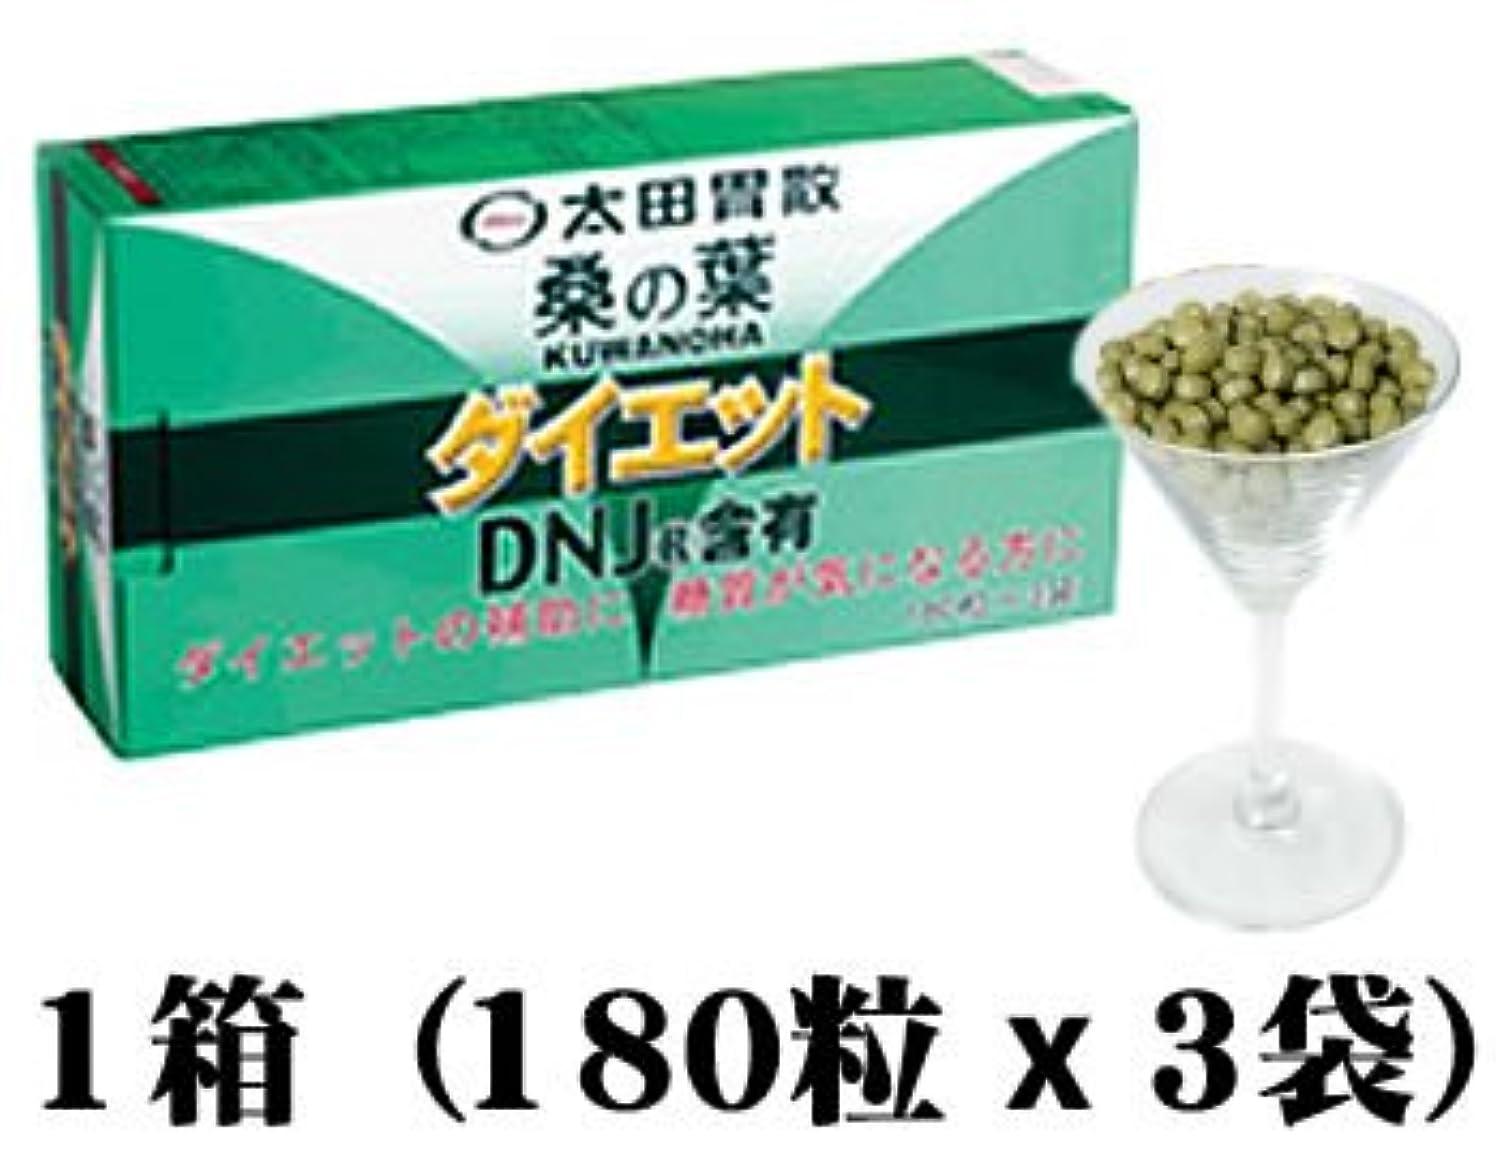 疑い高度なダイヤル太田胃散 桑の葉ダイエット詰替用(180粒×3袋入)